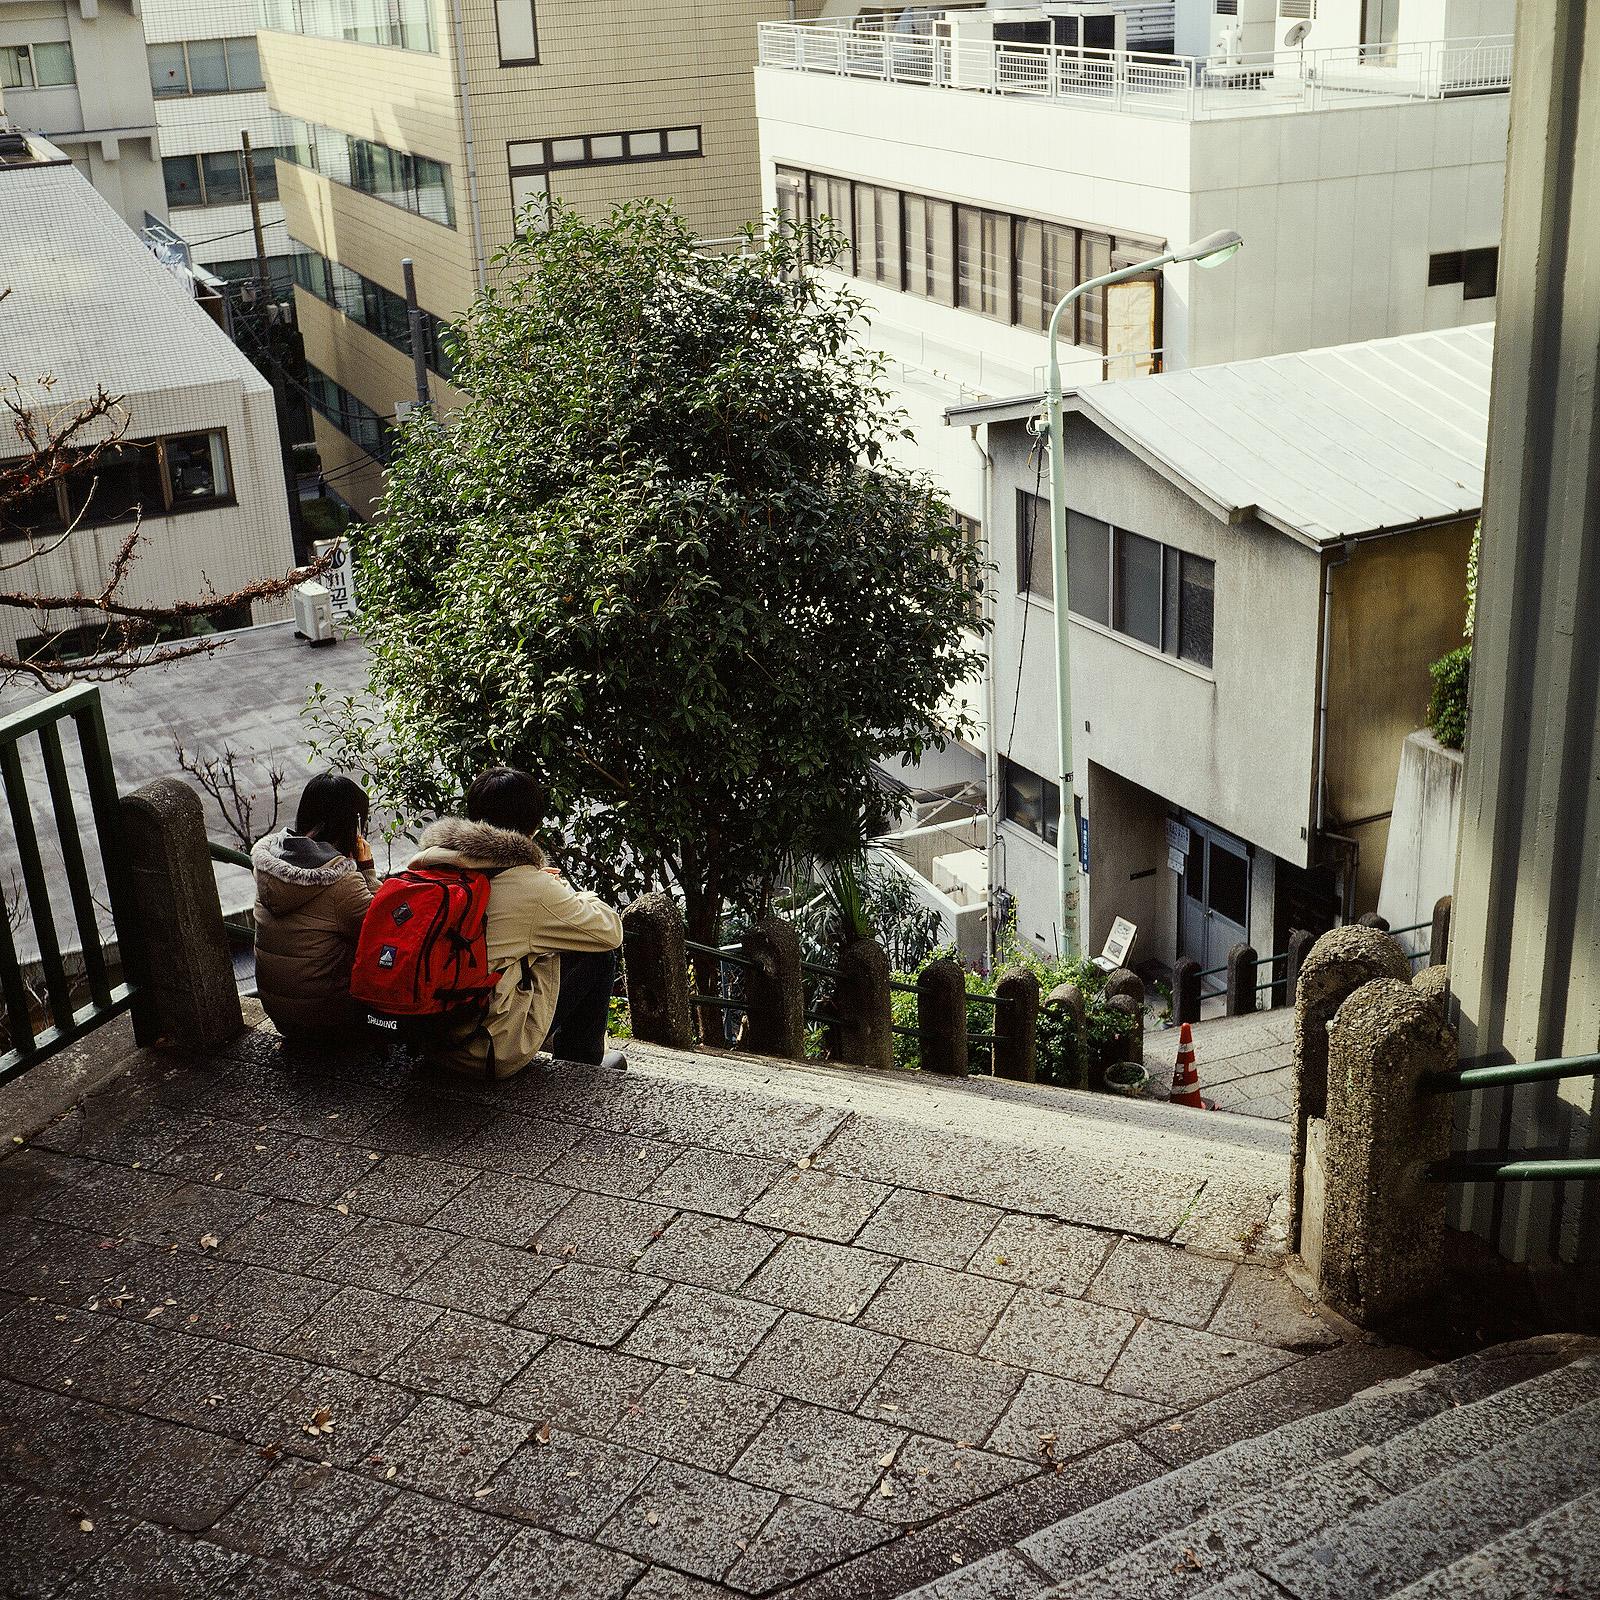 078 女坂(千代田区神田駿河台) 千代田区神田駿河台2、猿楽町2 20021213(02.52.10)